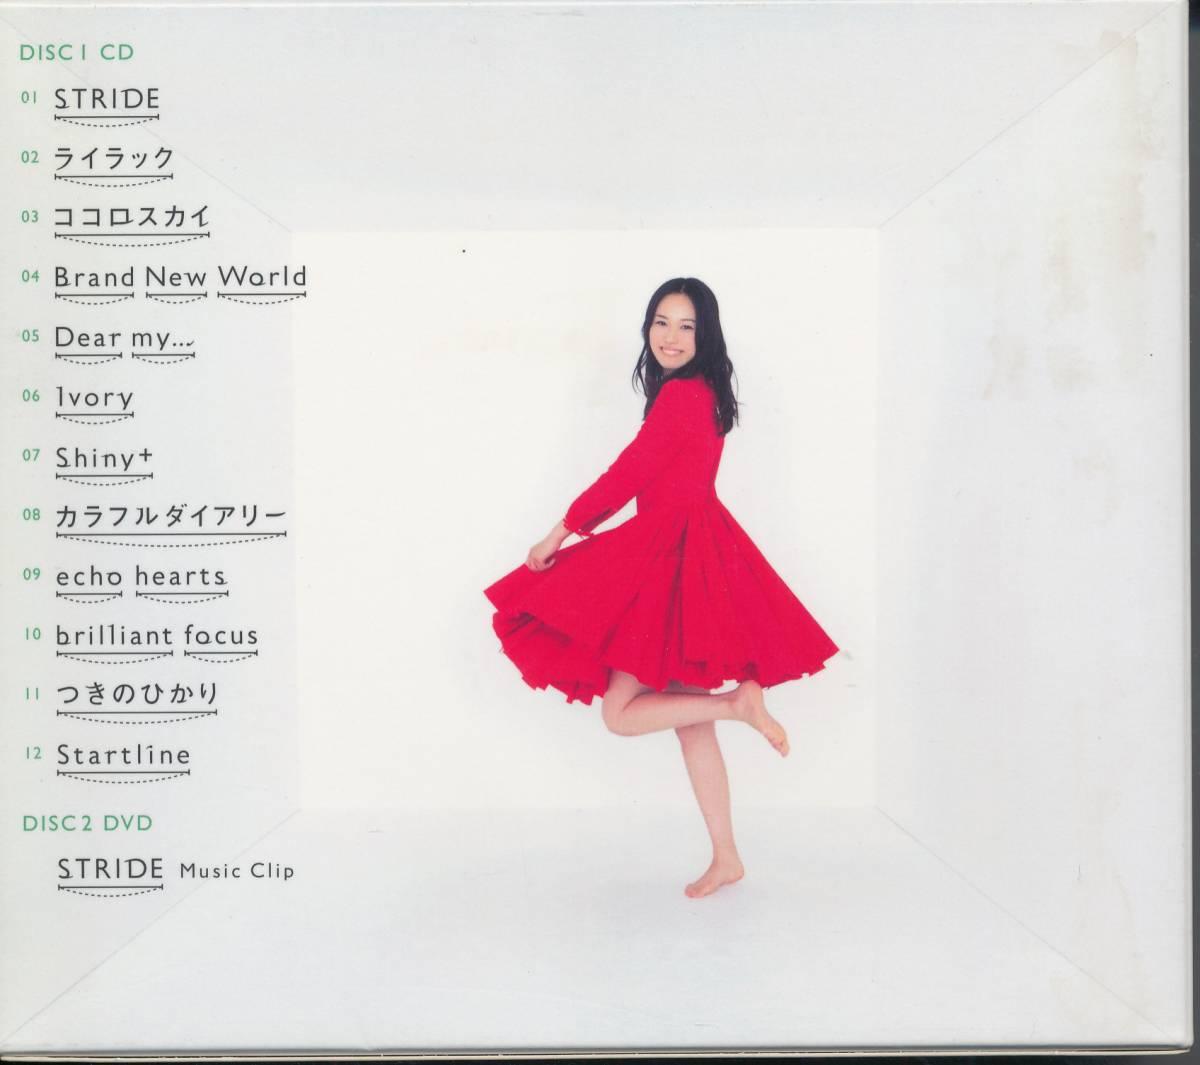 寿美菜子/My stride(初回生産限定盤)★CD+DVD★コイ☆セント(スフィア)・_画像2